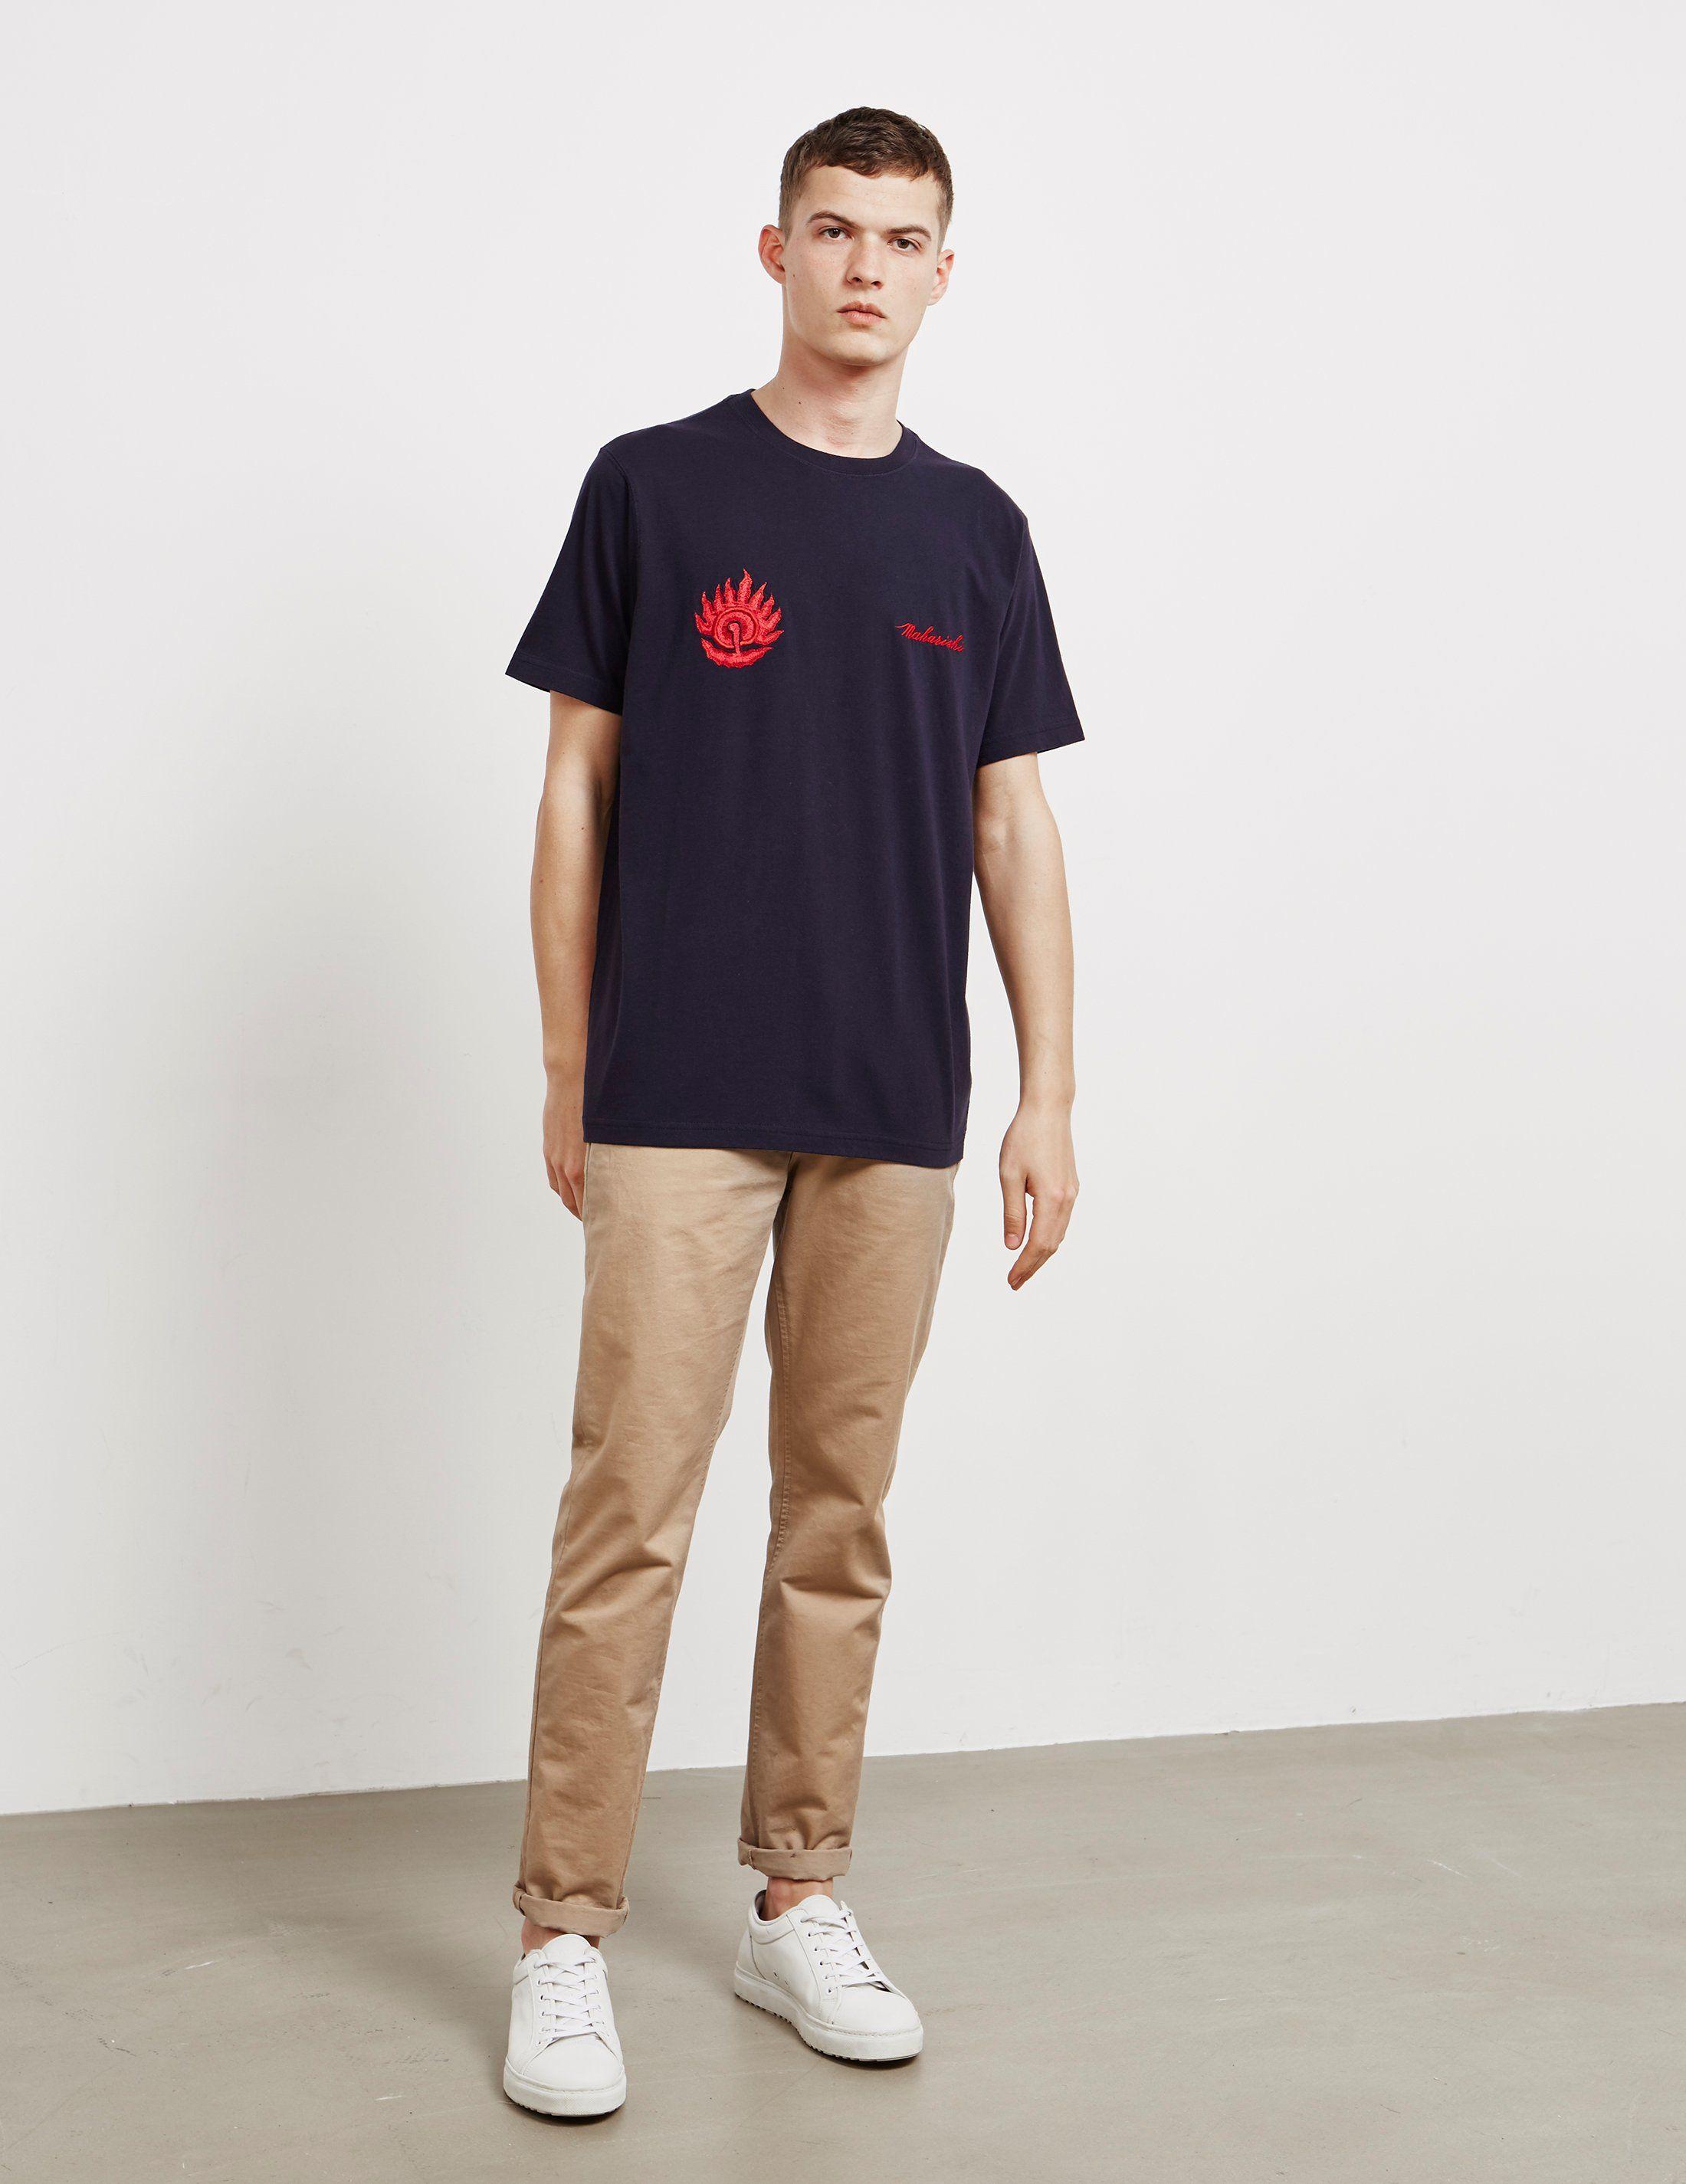 Maharishi Pearl Short Sleeve T-Shirt